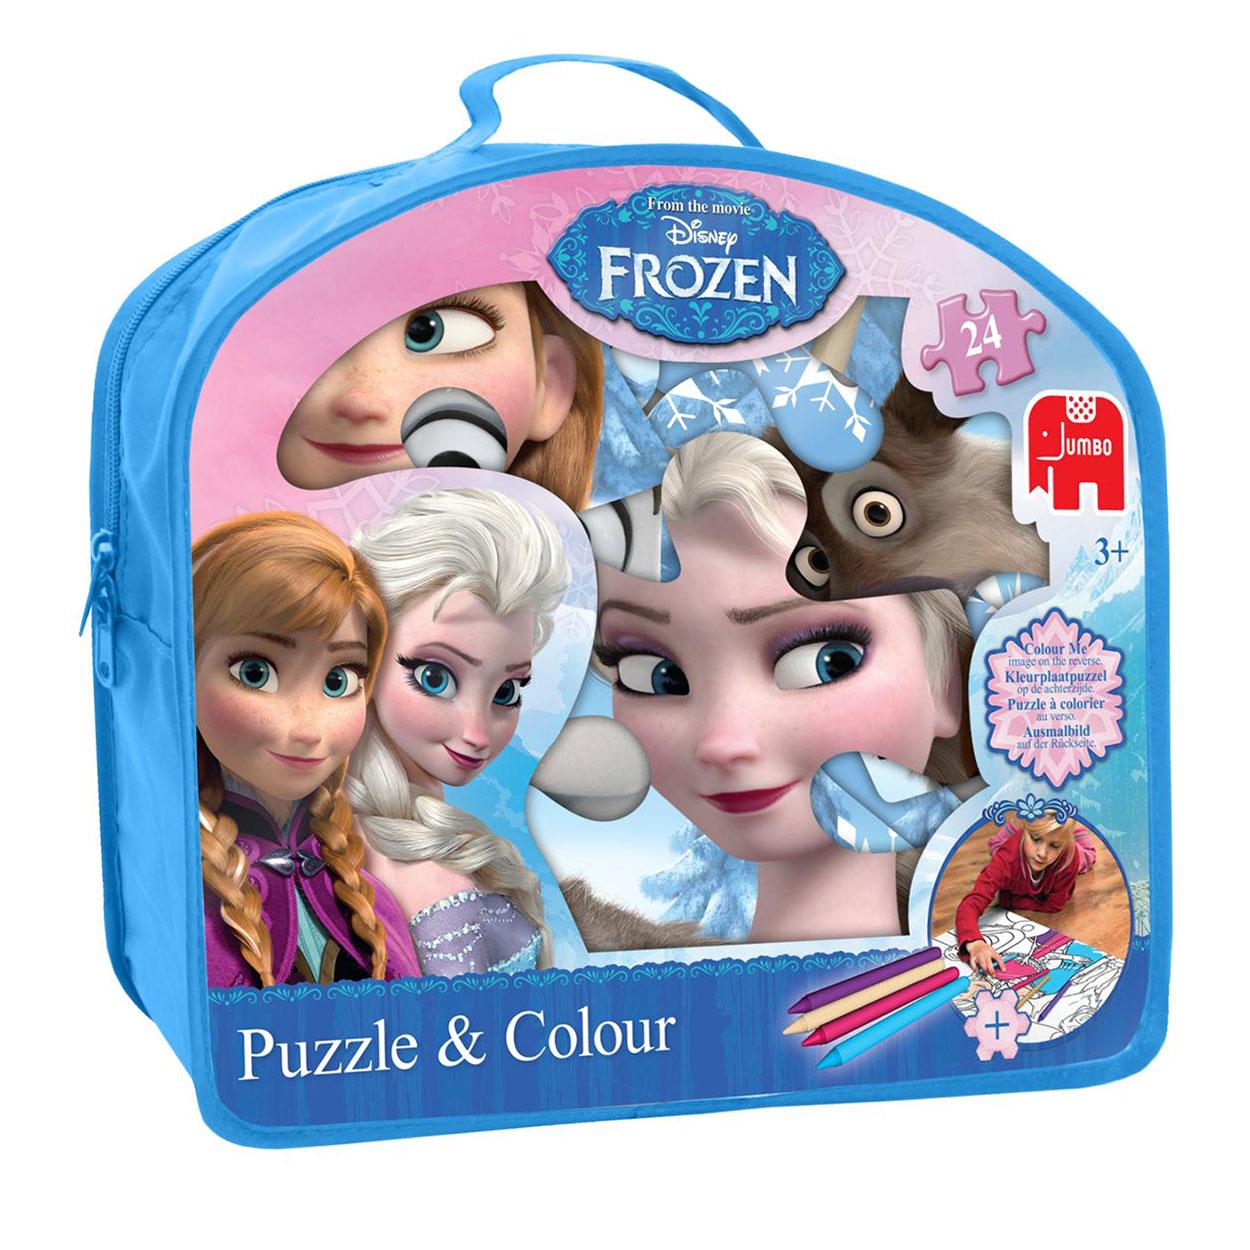 Disney Frozen Puzzel Amp Kleurplaat Online Kopen Lobbes Nl